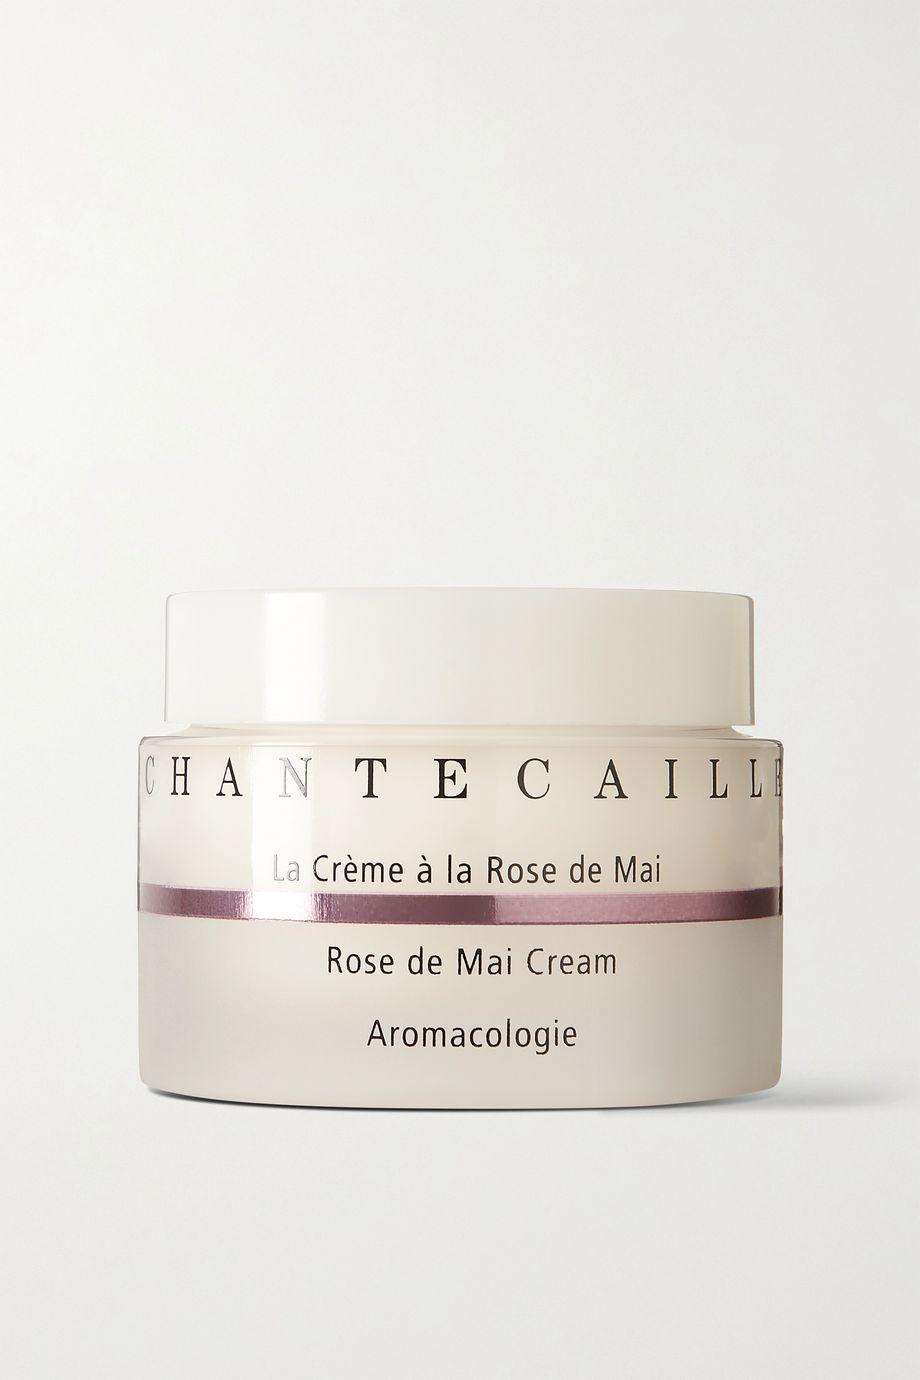 Chantecaille Rose de Mai Cream, 50ml